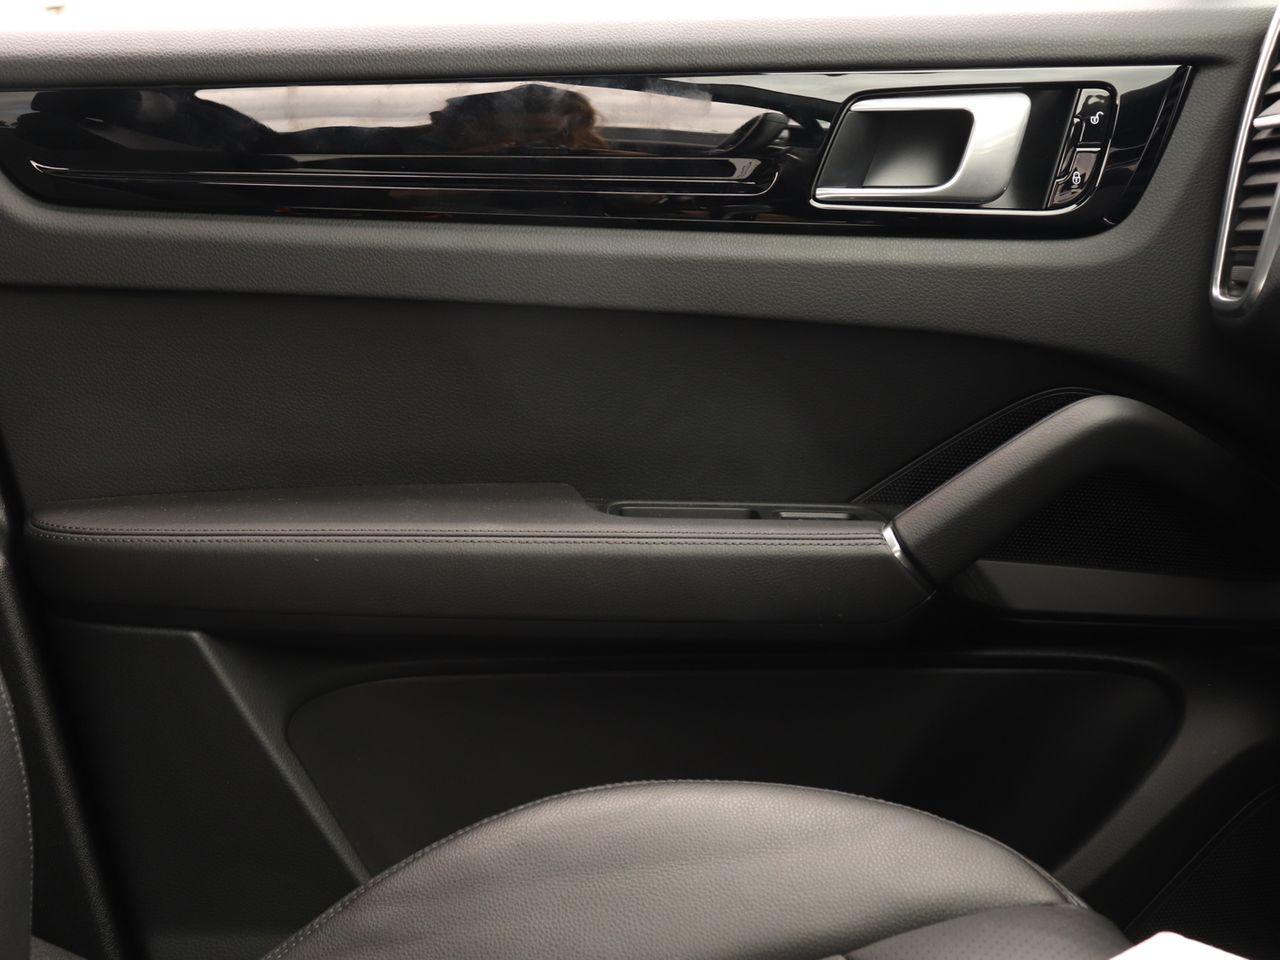 Cayenne V6 S TIPTRONIC (21) image 26